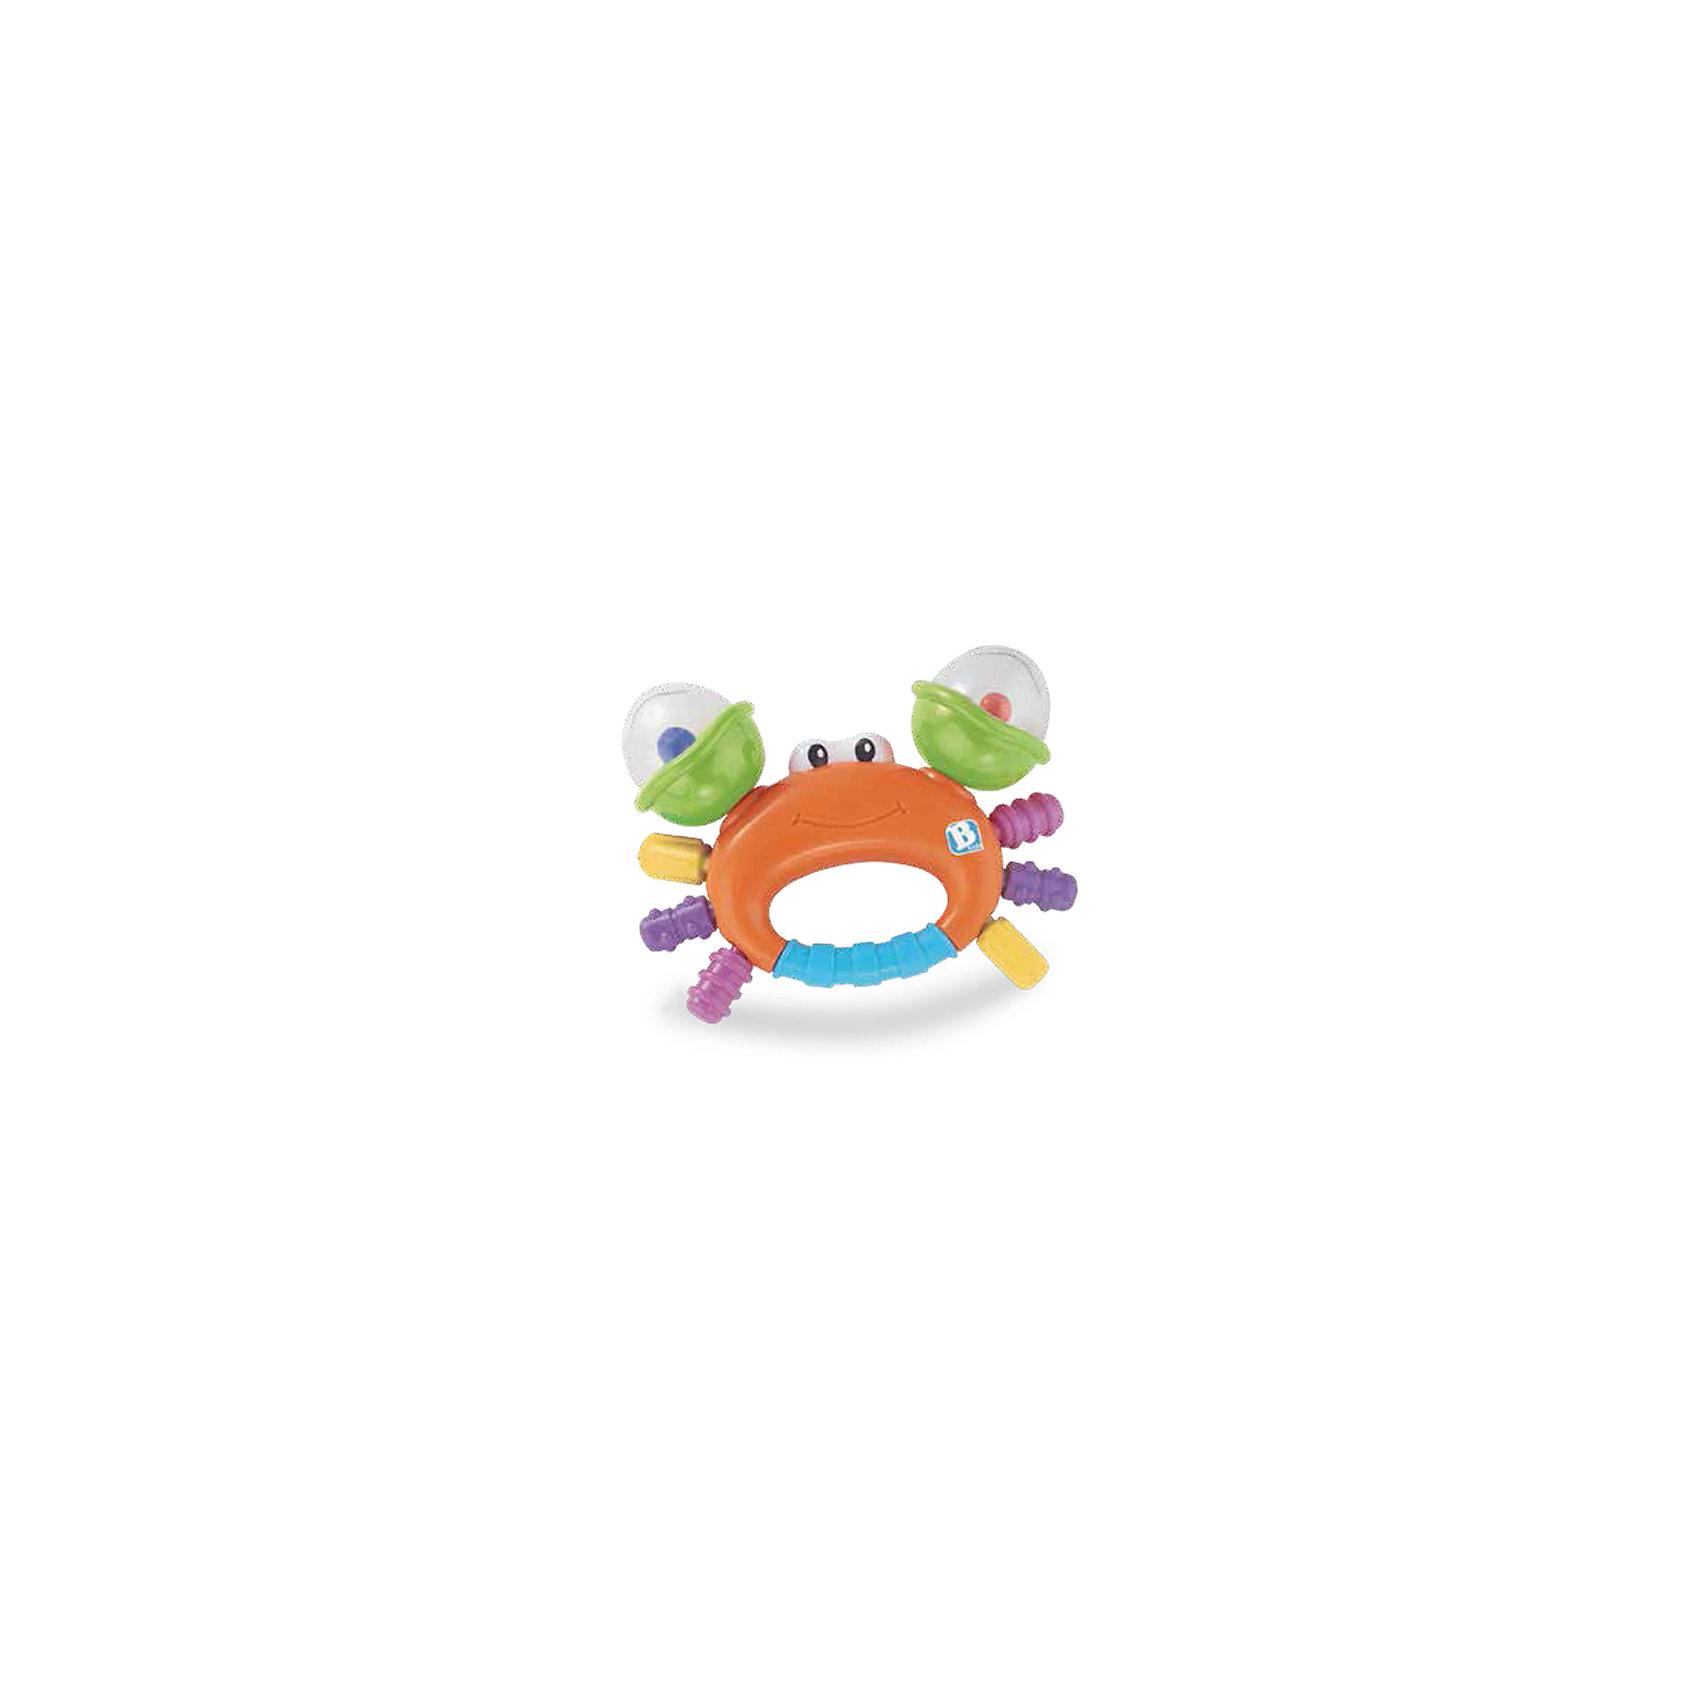 Игрушка Веселый краб, BKidsПрорезыватели необходимы детям, у которых режутся зубки. Они могут выглядеть очень симпатично! Эта игрушка представляет собой прорезыватель в виде краба, у него погремушки с цветными шариками в клешнях, а сами клешни крутятся.<br>Такие игрушки способствуют развитию мелкой моторики, воображения, цветовосприятия, тактильных ощущений. Изделие разработано специально для самых маленьких. Сделано из материалов, безопасных для детей.<br><br>Дополнительная информация:<br><br>цвет: разноцветный;<br>размеры игрушки: 14 х 10 х 4 см;<br>возраст: с рождения.<br><br>Игрушку Веселый краб от бренда BKids можно купить в нашем интернет-магазине.<br><br>Ширина мм: 114<br>Глубина мм: 114<br>Высота мм: 20<br>Вес г: 88<br>Возраст от месяцев: 0<br>Возраст до месяцев: 36<br>Пол: Унисекс<br>Возраст: Детский<br>SKU: 5055397